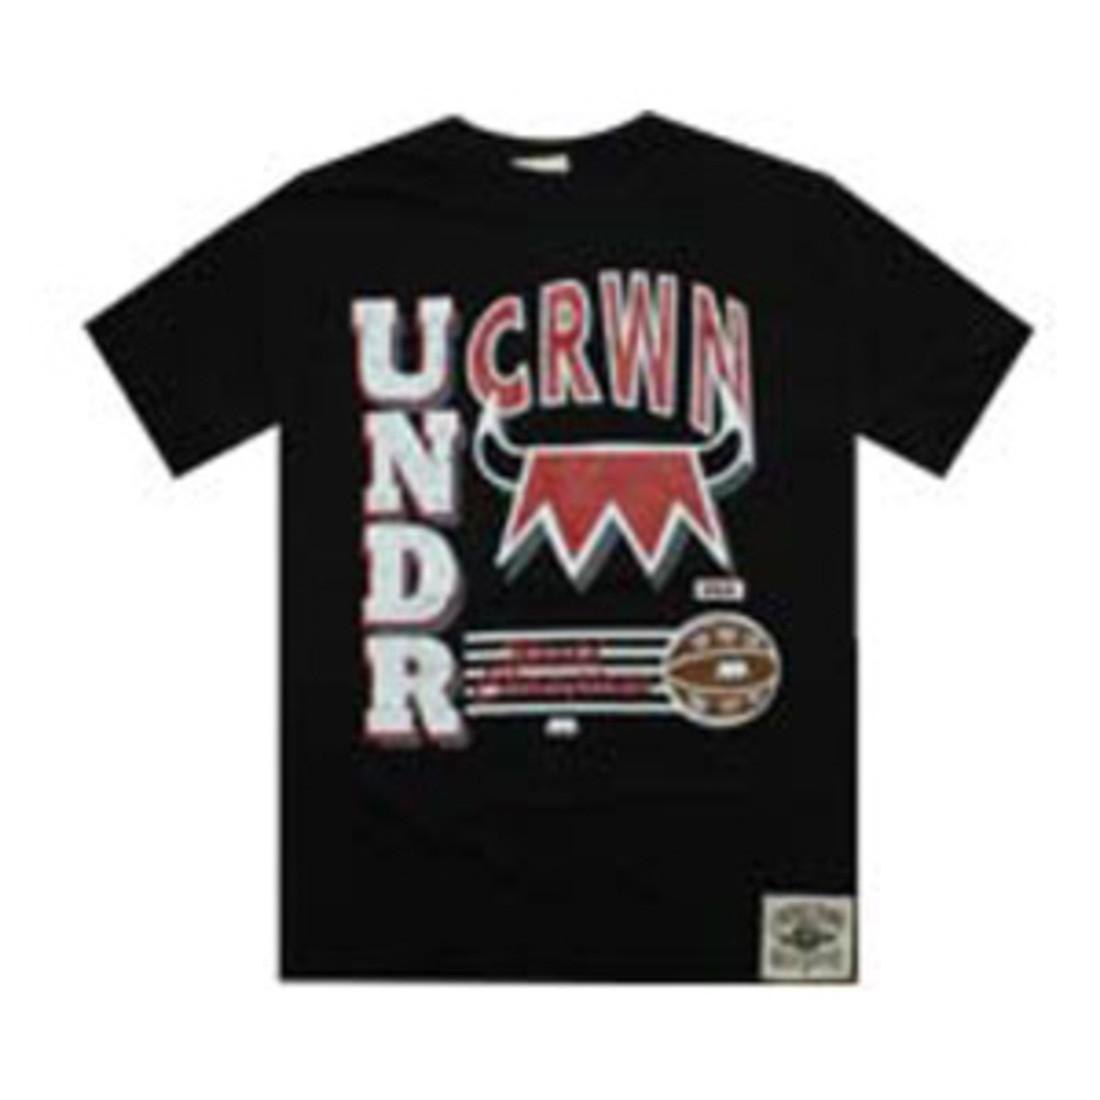 Tシャツ 黒 ブラック 【 BLACK UNDER CROWN WORLD CHAMP TEE 】 メンズファッション トップス Tシャツ カットソー